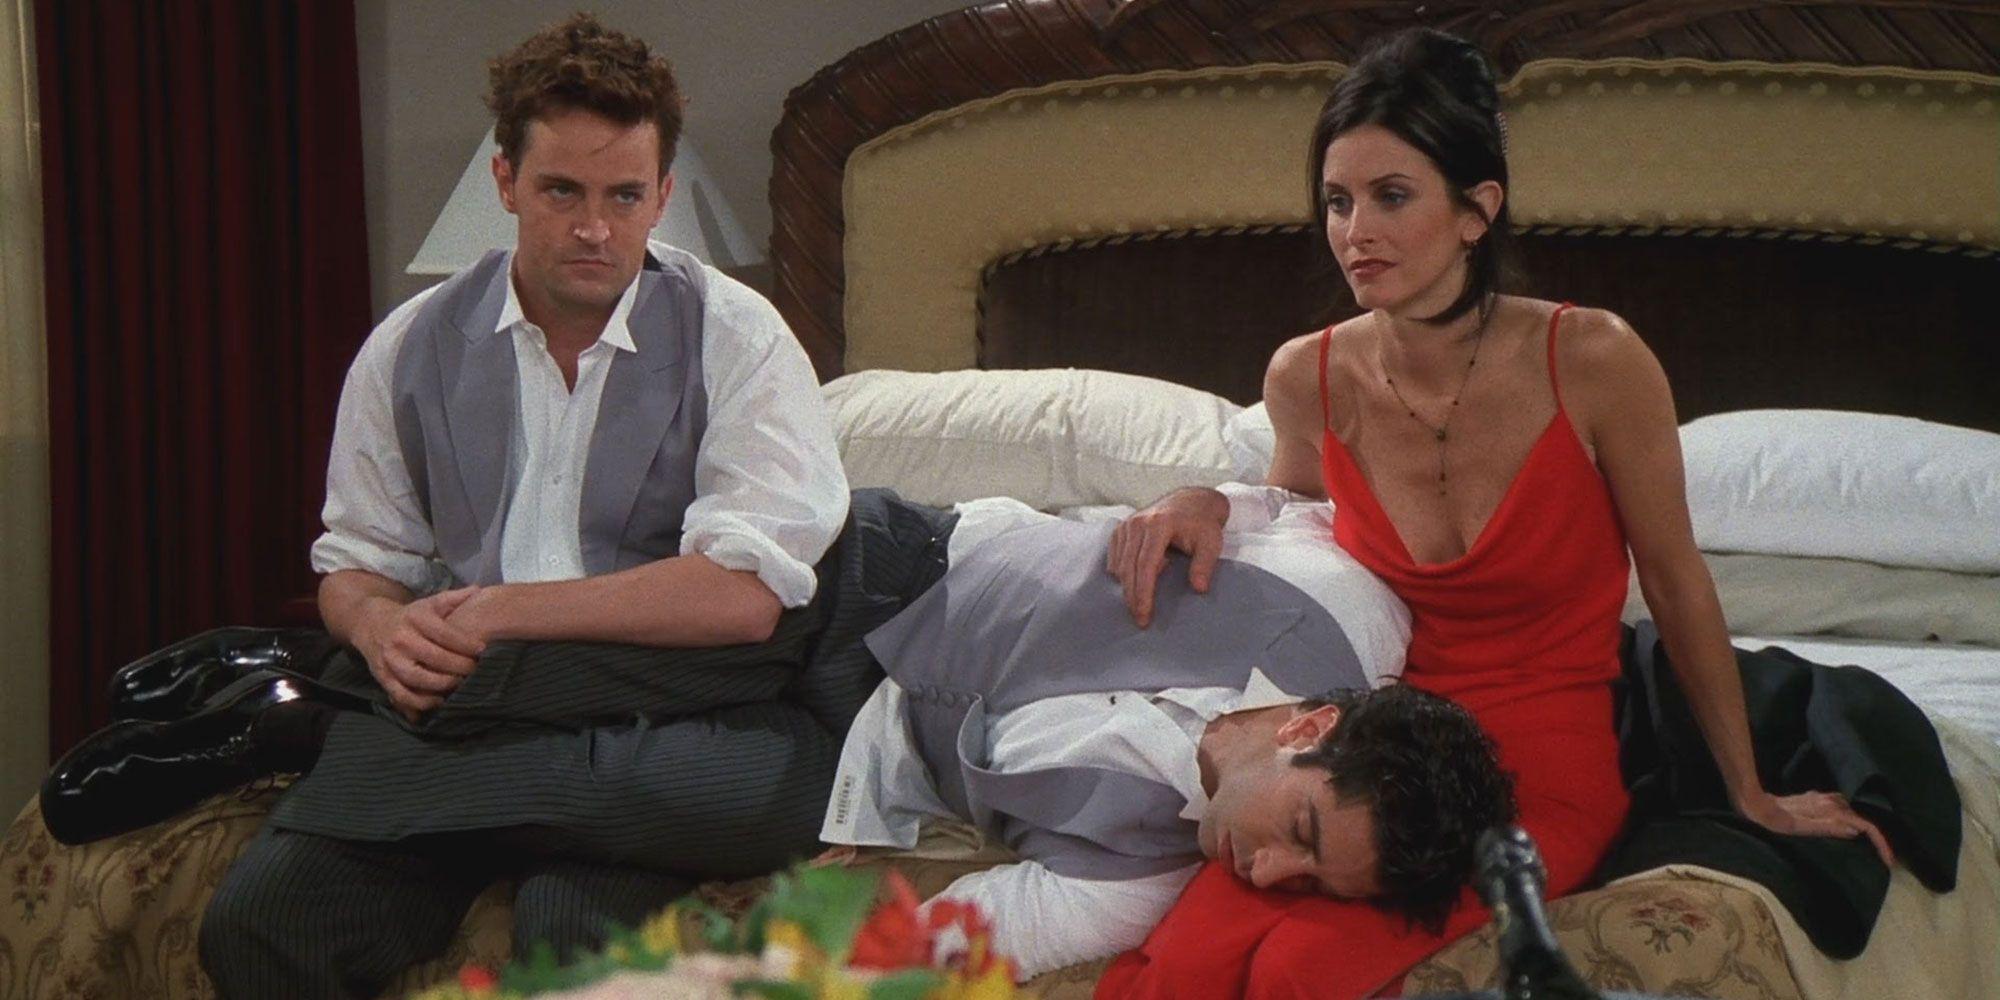 Ross' wedding in Friends